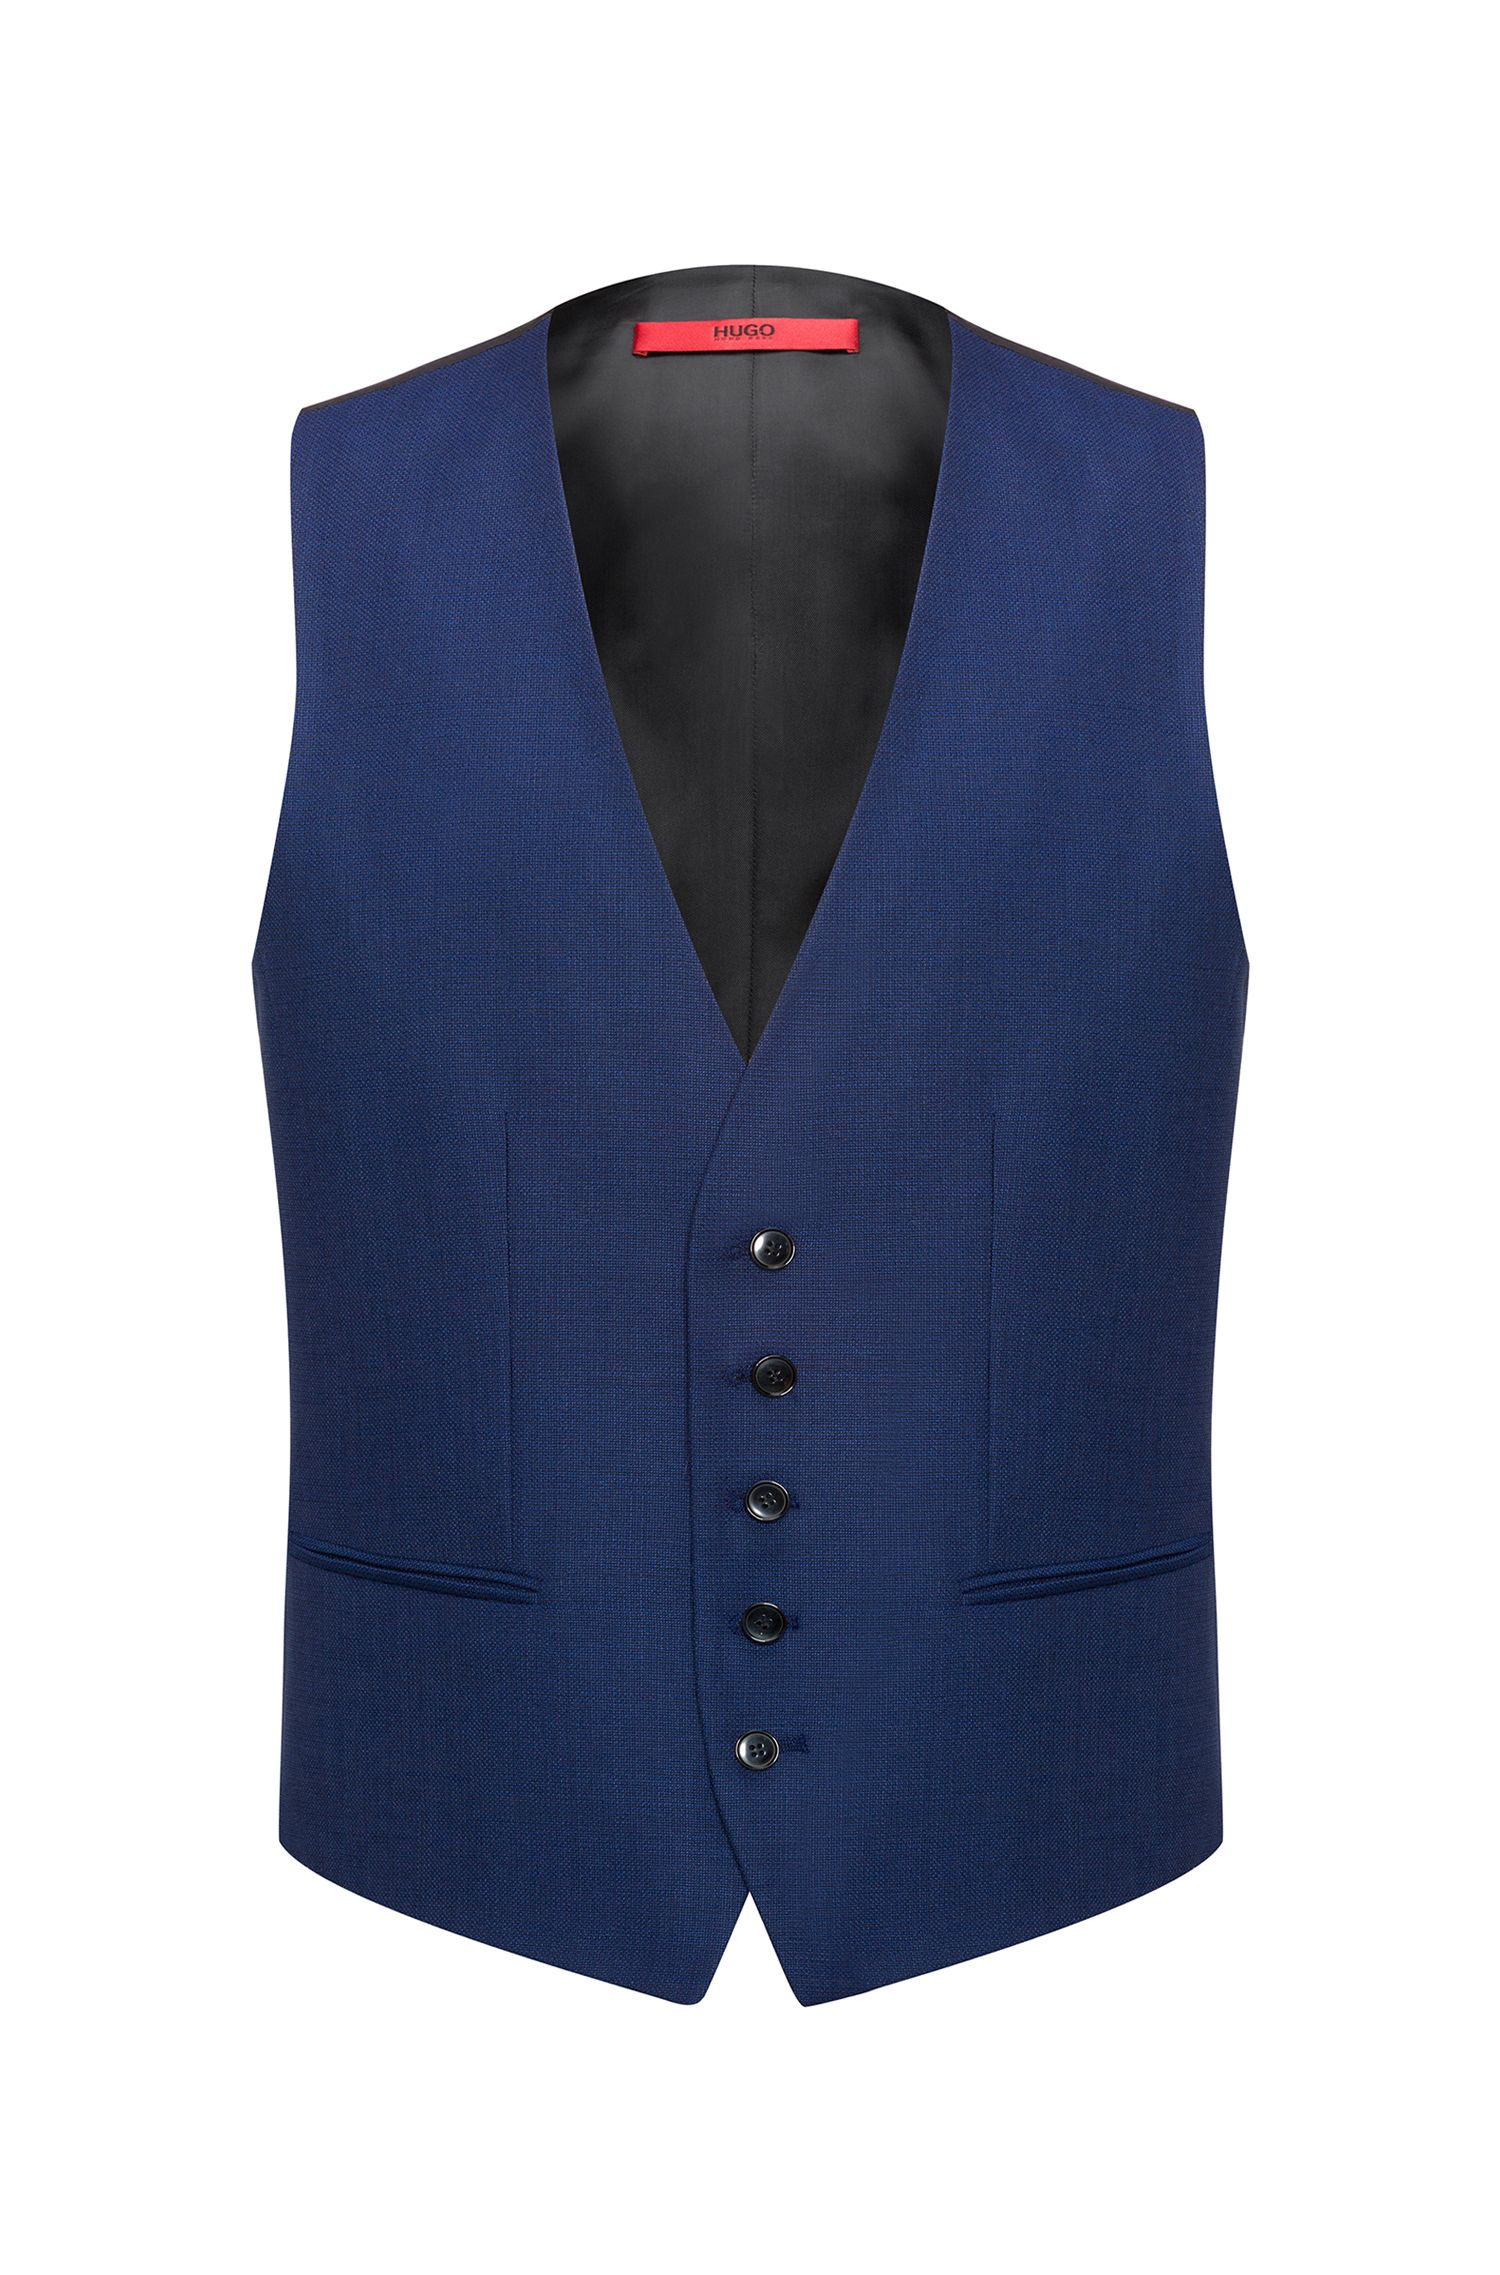 Gilet slim fit in lana vergine con effetto nattè bicolore